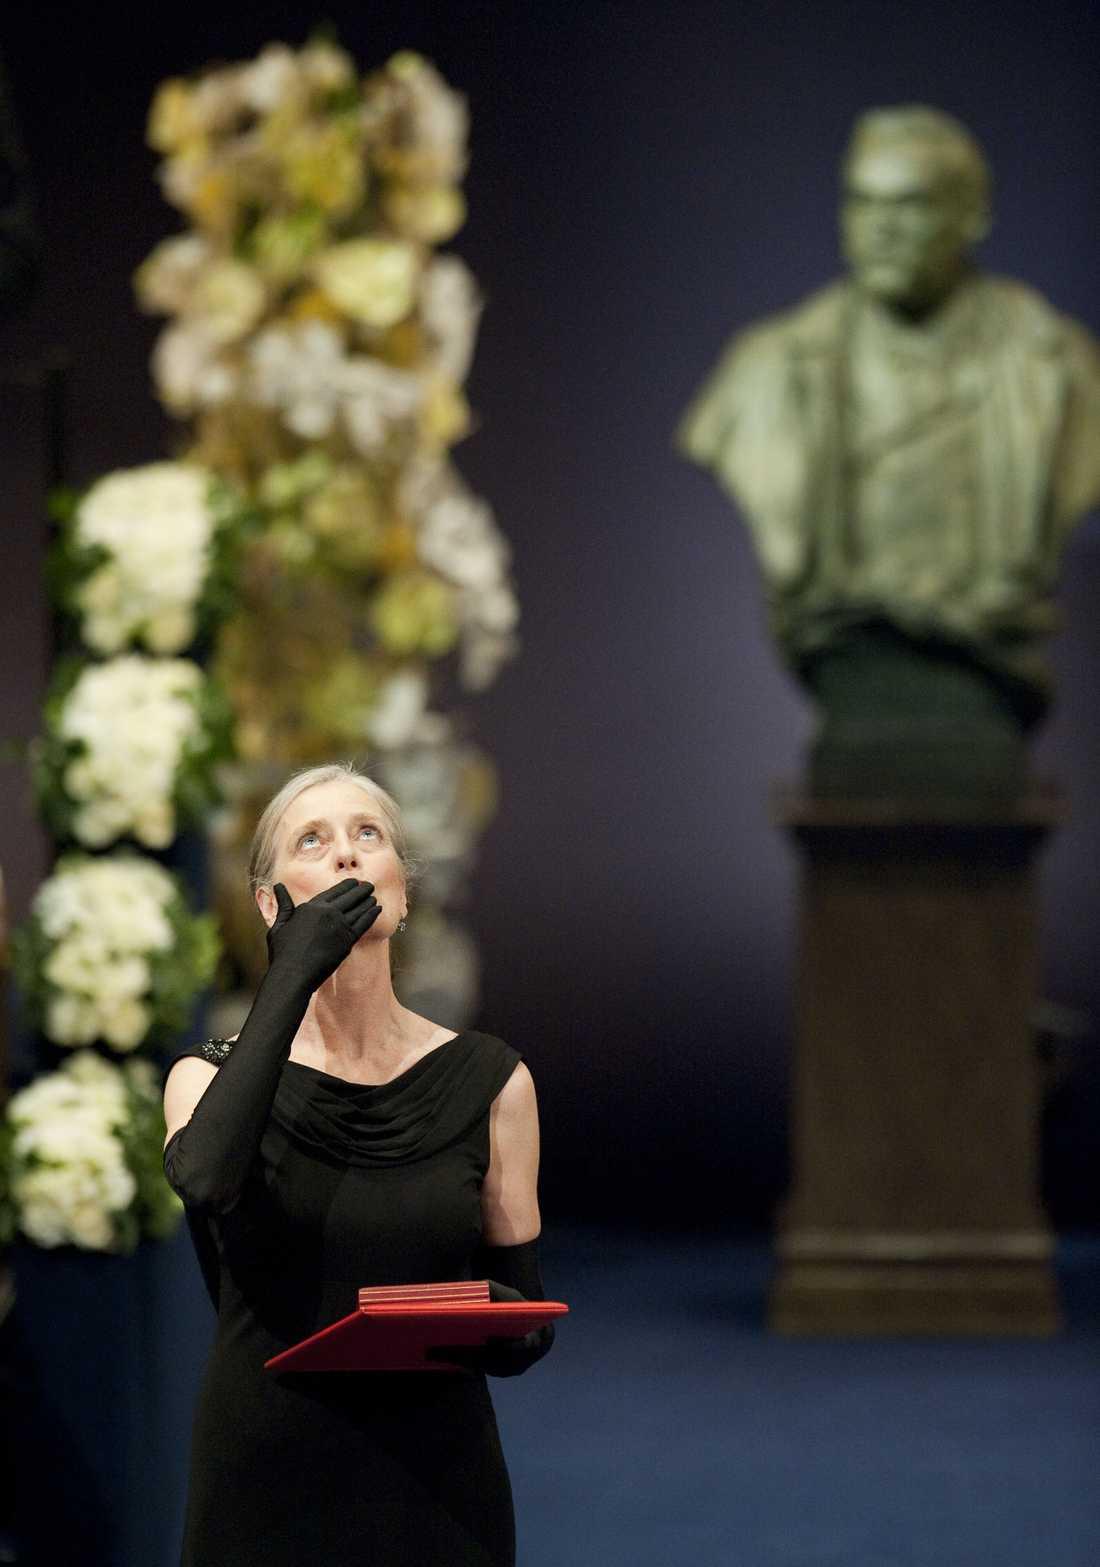 Claudia Steinman, vars make avled precis innan det blev klart att han vunnit Nobelpriset, var oerhört vacker och värdigt klädd när hon tog emot priset i sin makes namn. Klassisk elegans.